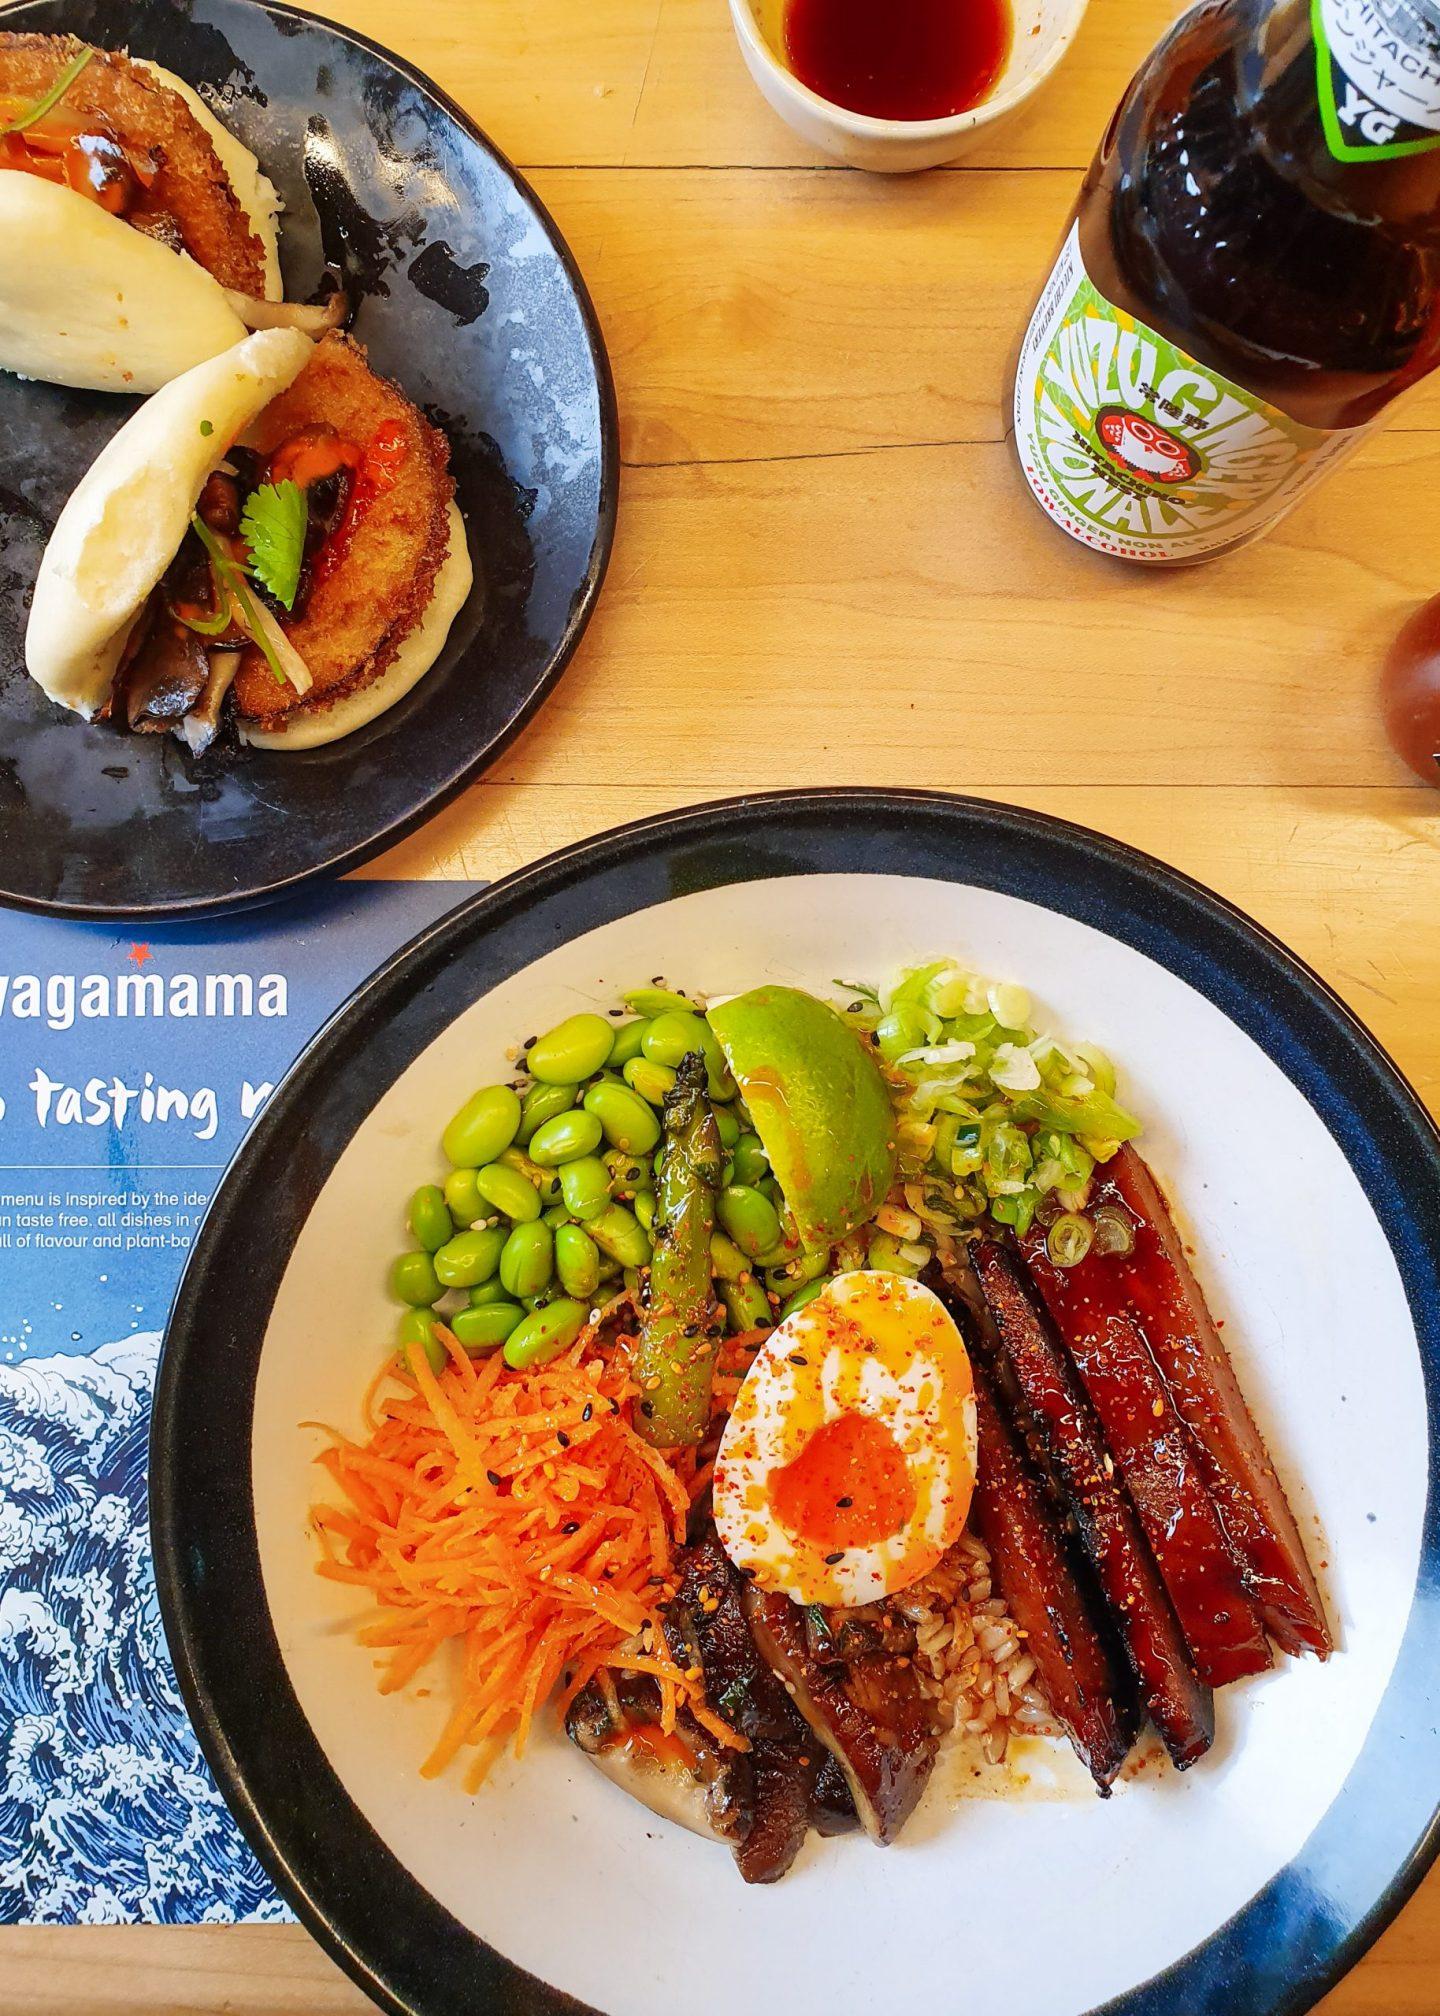 vegan food review food blog